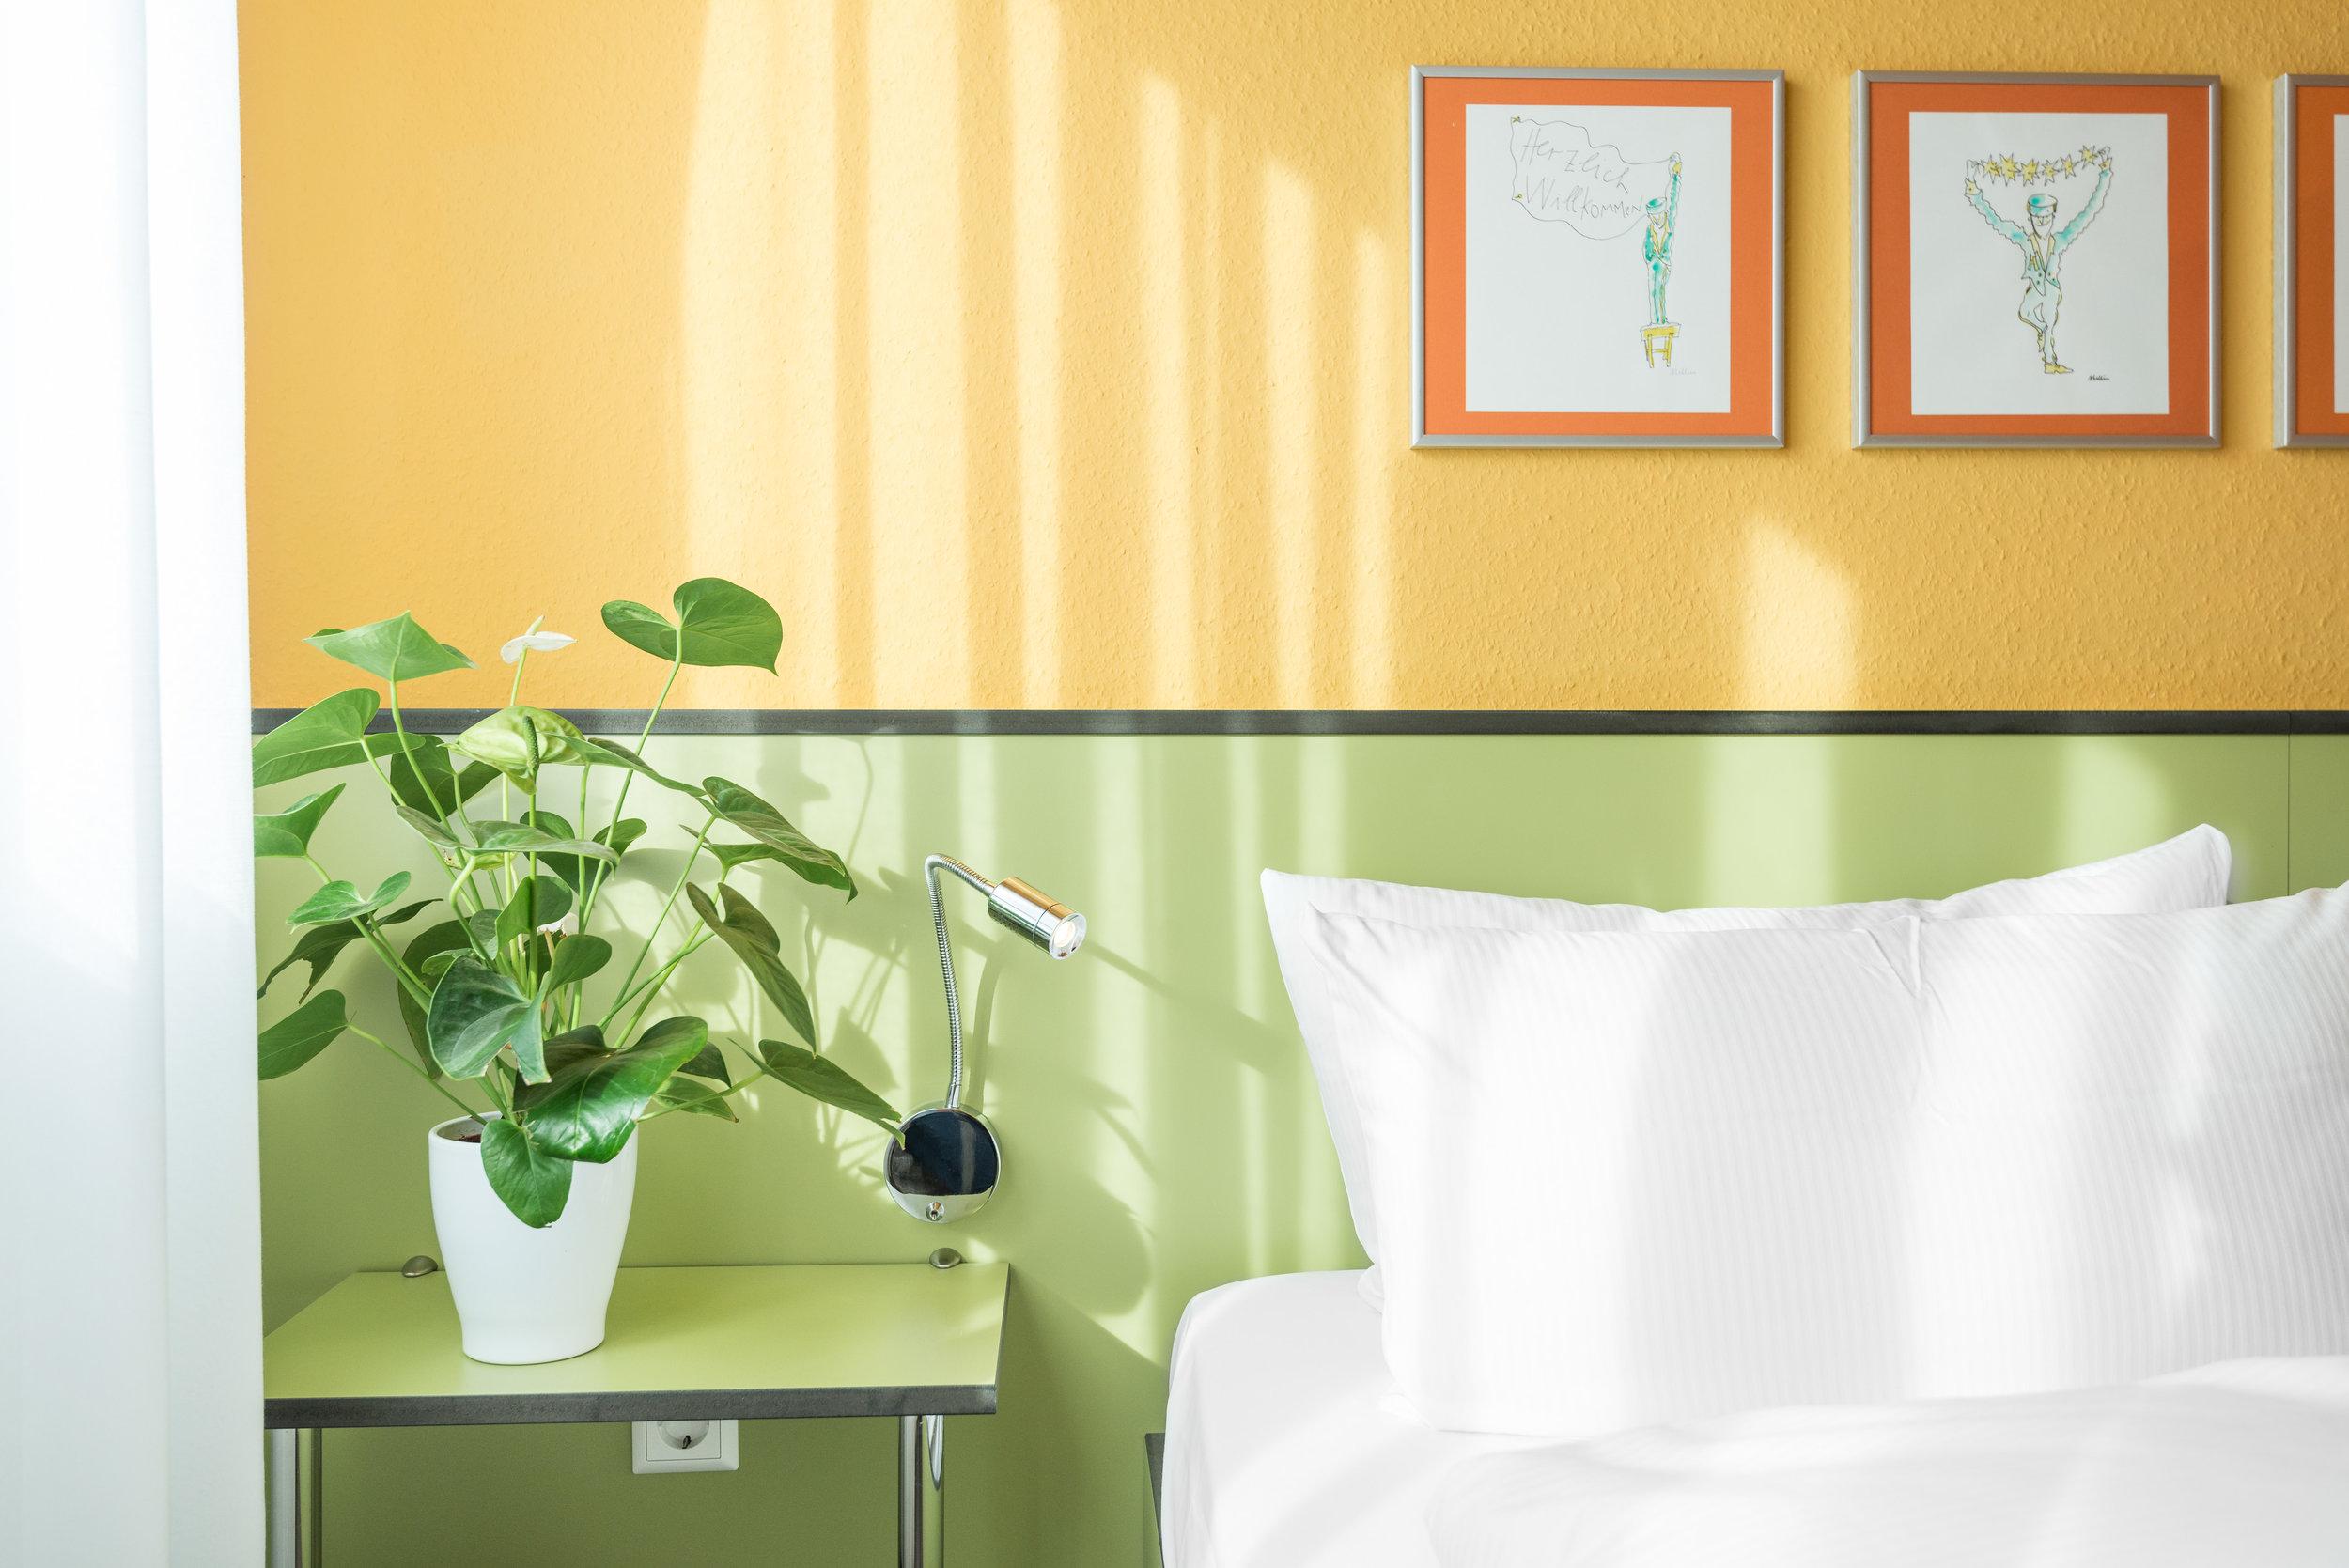 Hotel Bischofslinde - 170921 - 9328.jpg